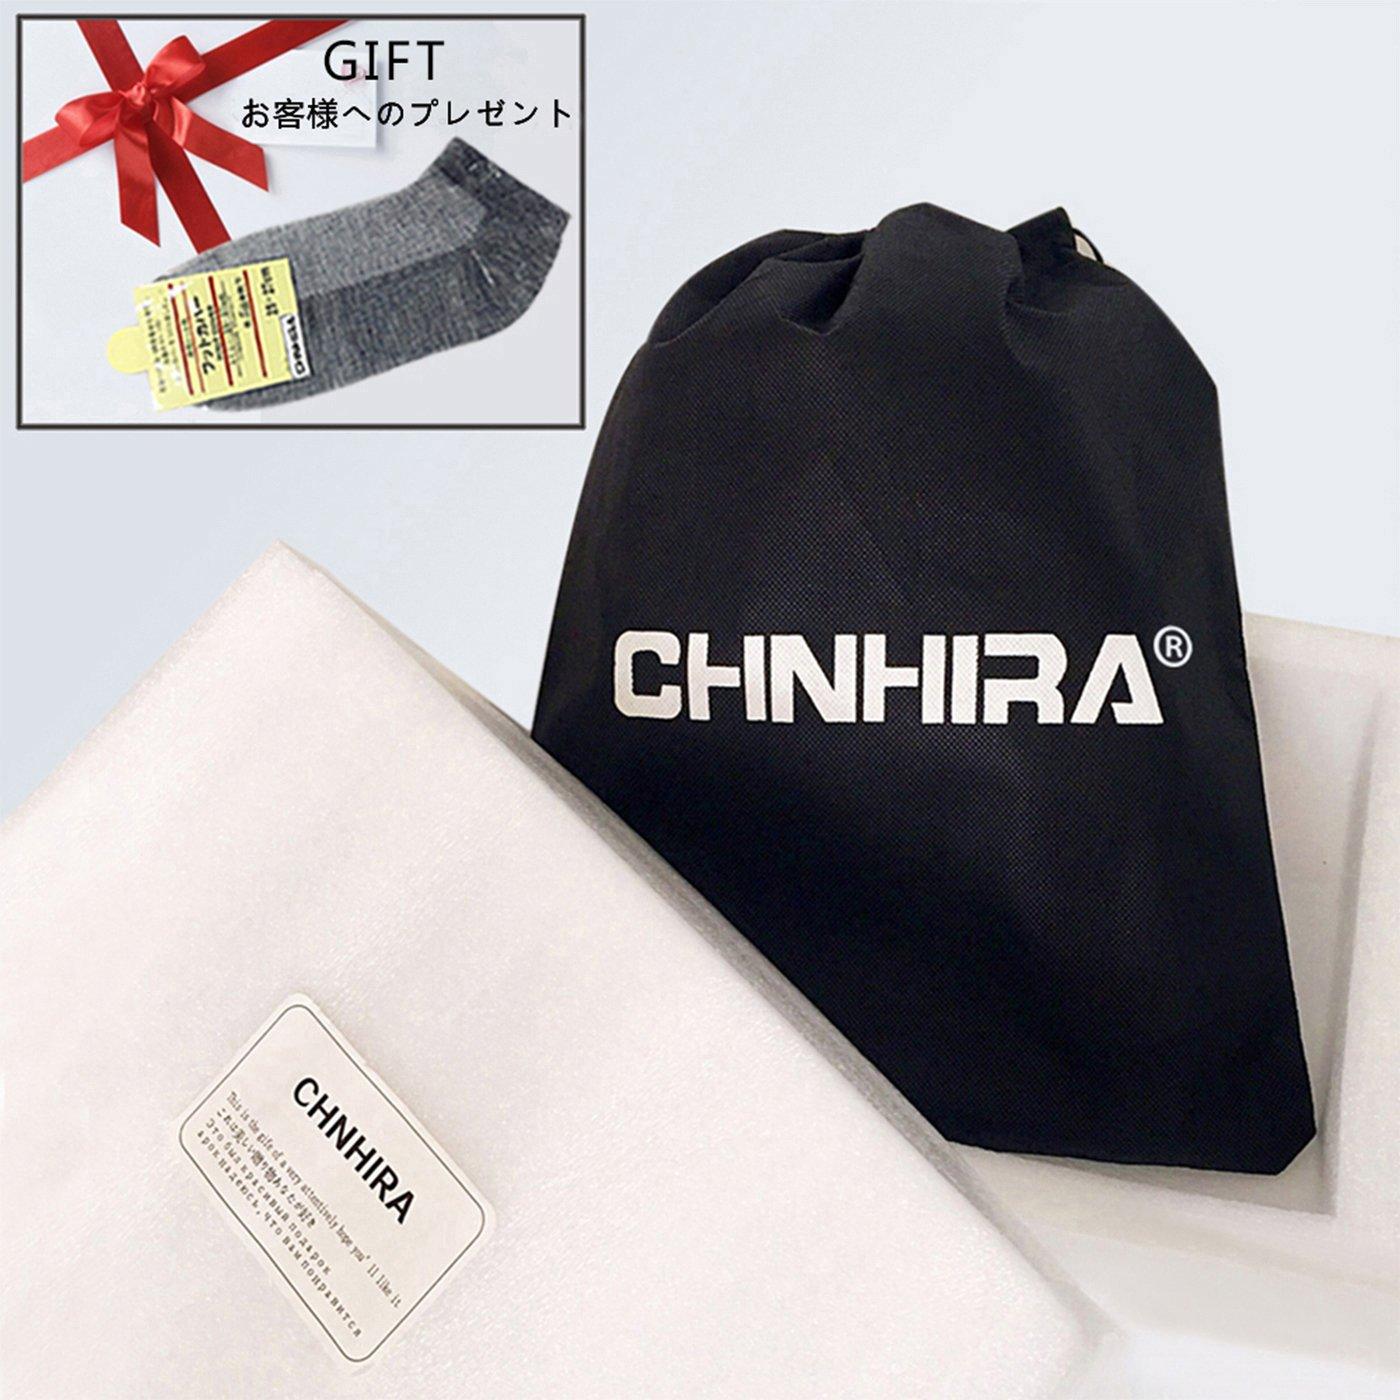 58316200a3d CHNHIRA Homme Chaussures Montantes Chaussure de Loisirs Couple Bottes Hip-hop  Femme Baskets Mode